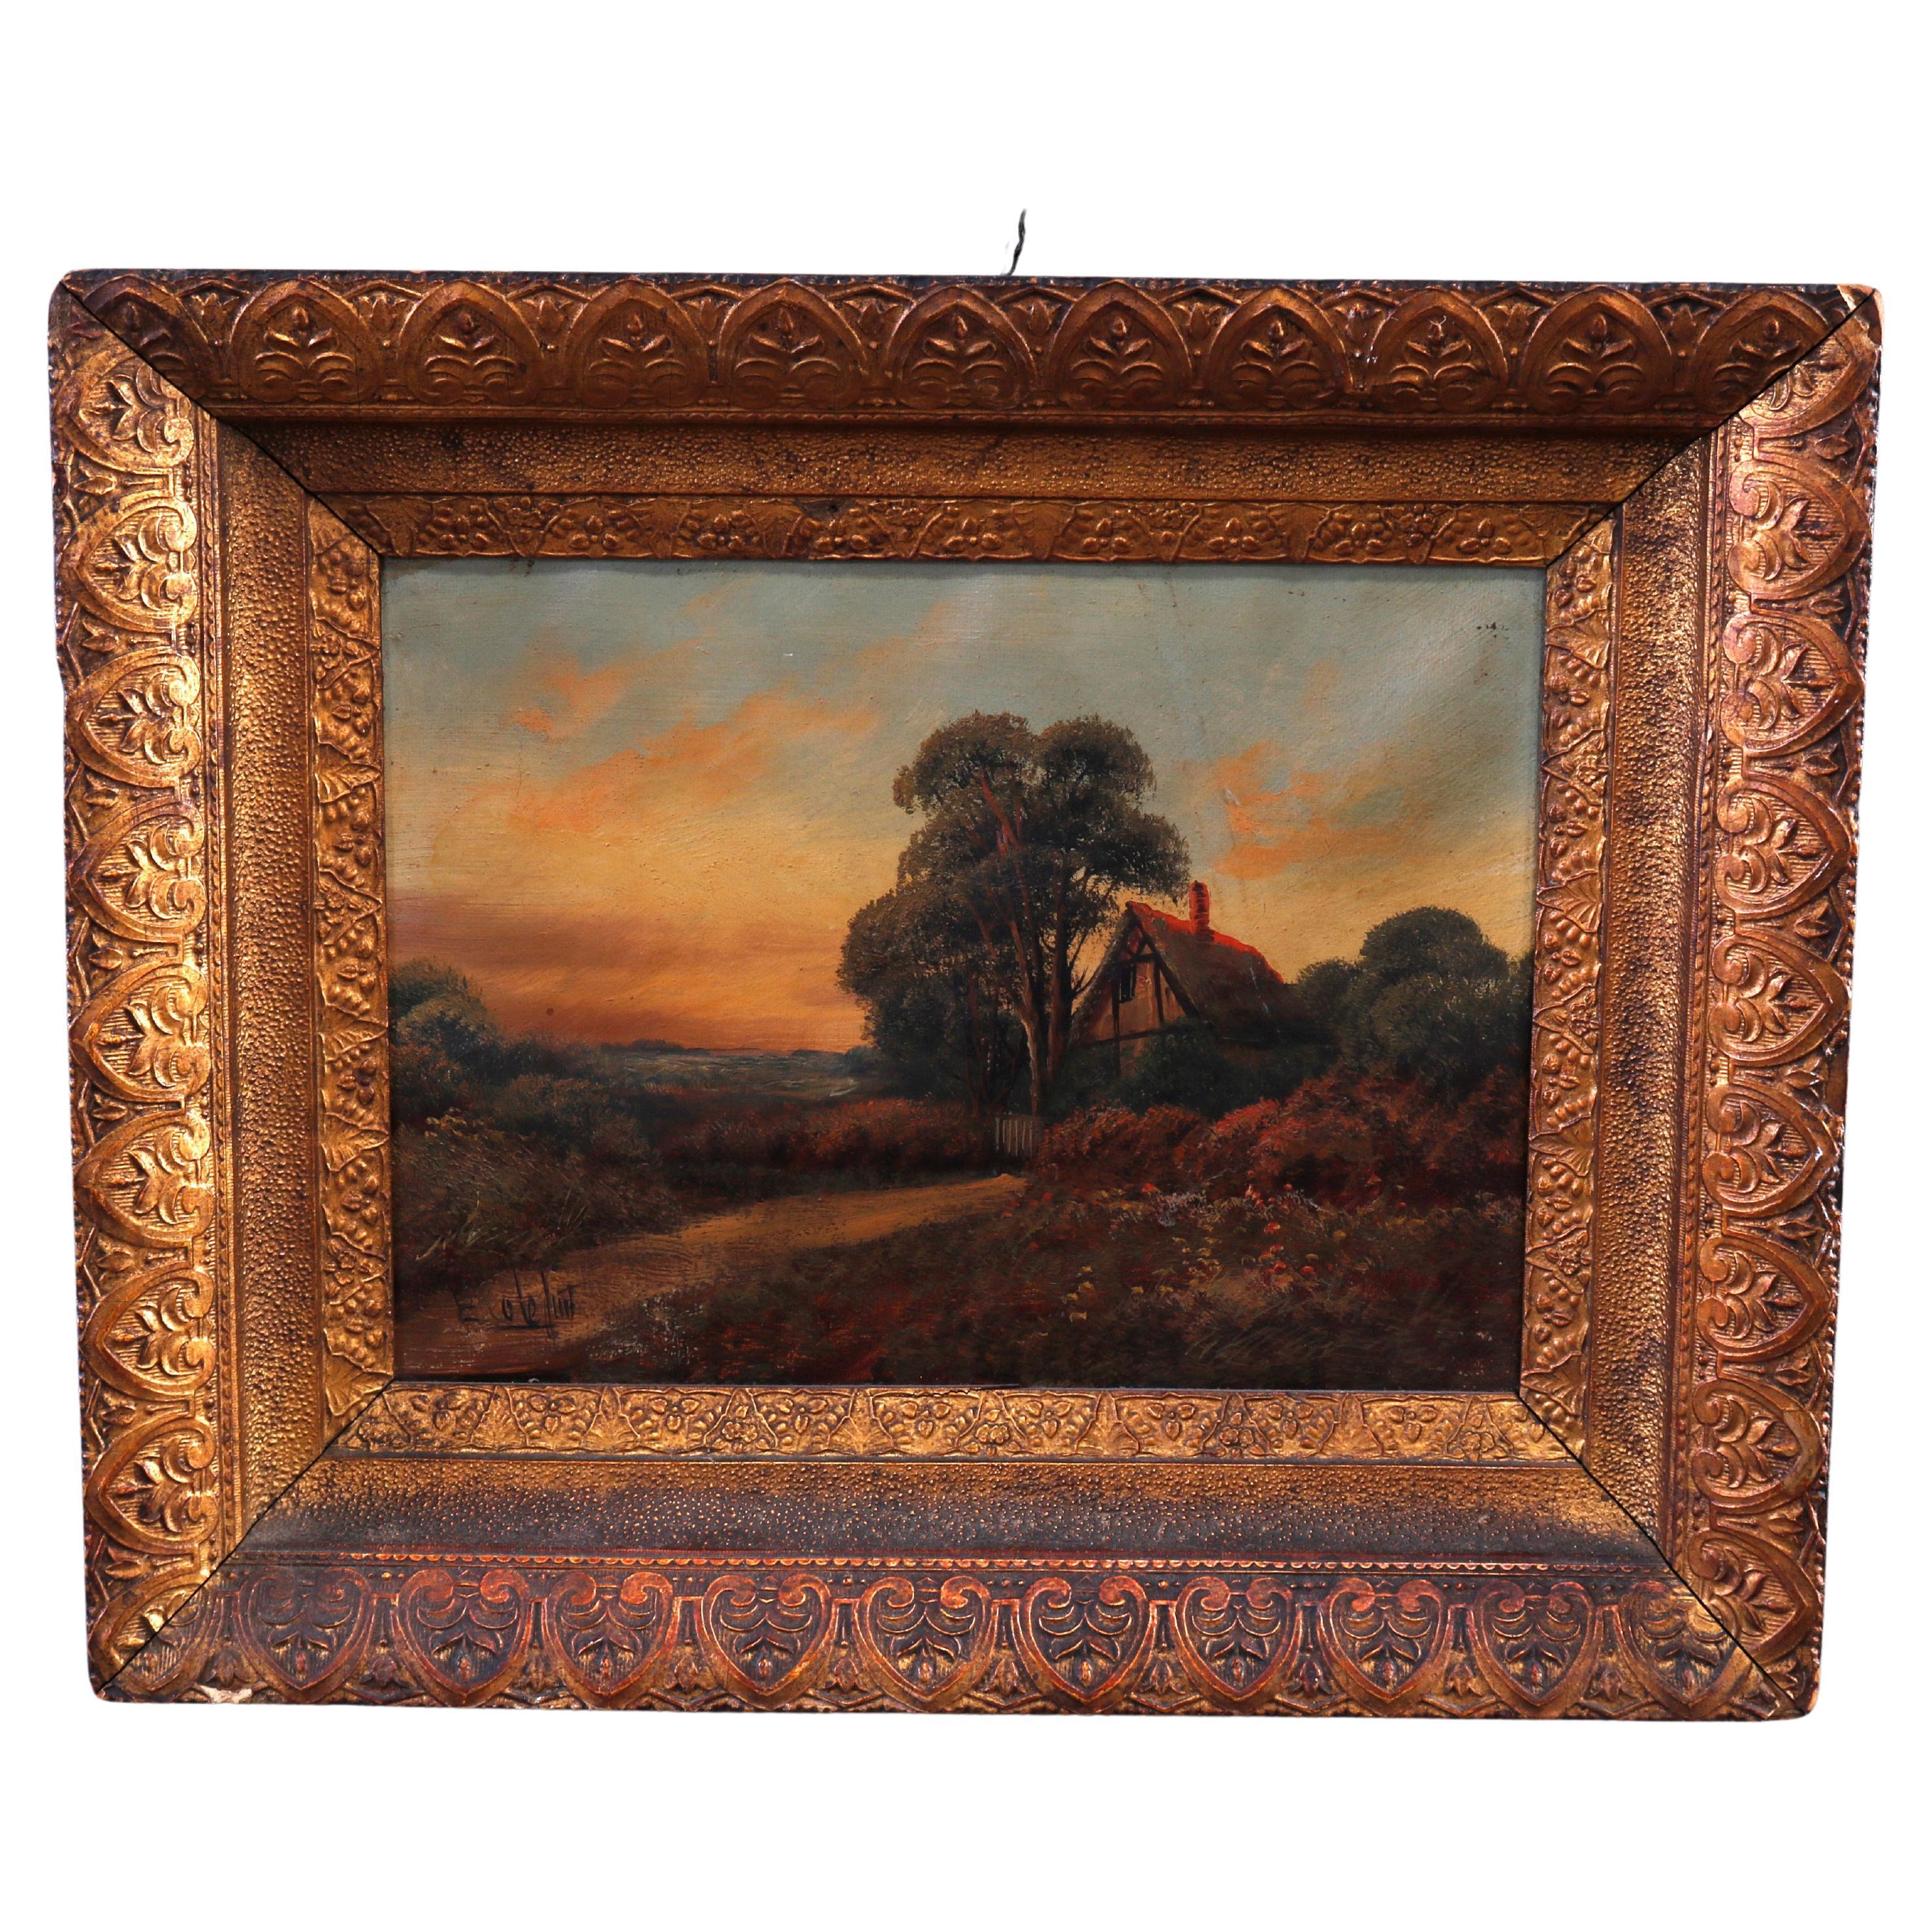 Antique Painting E. Cole, Landscape with Cottage, circa 1900